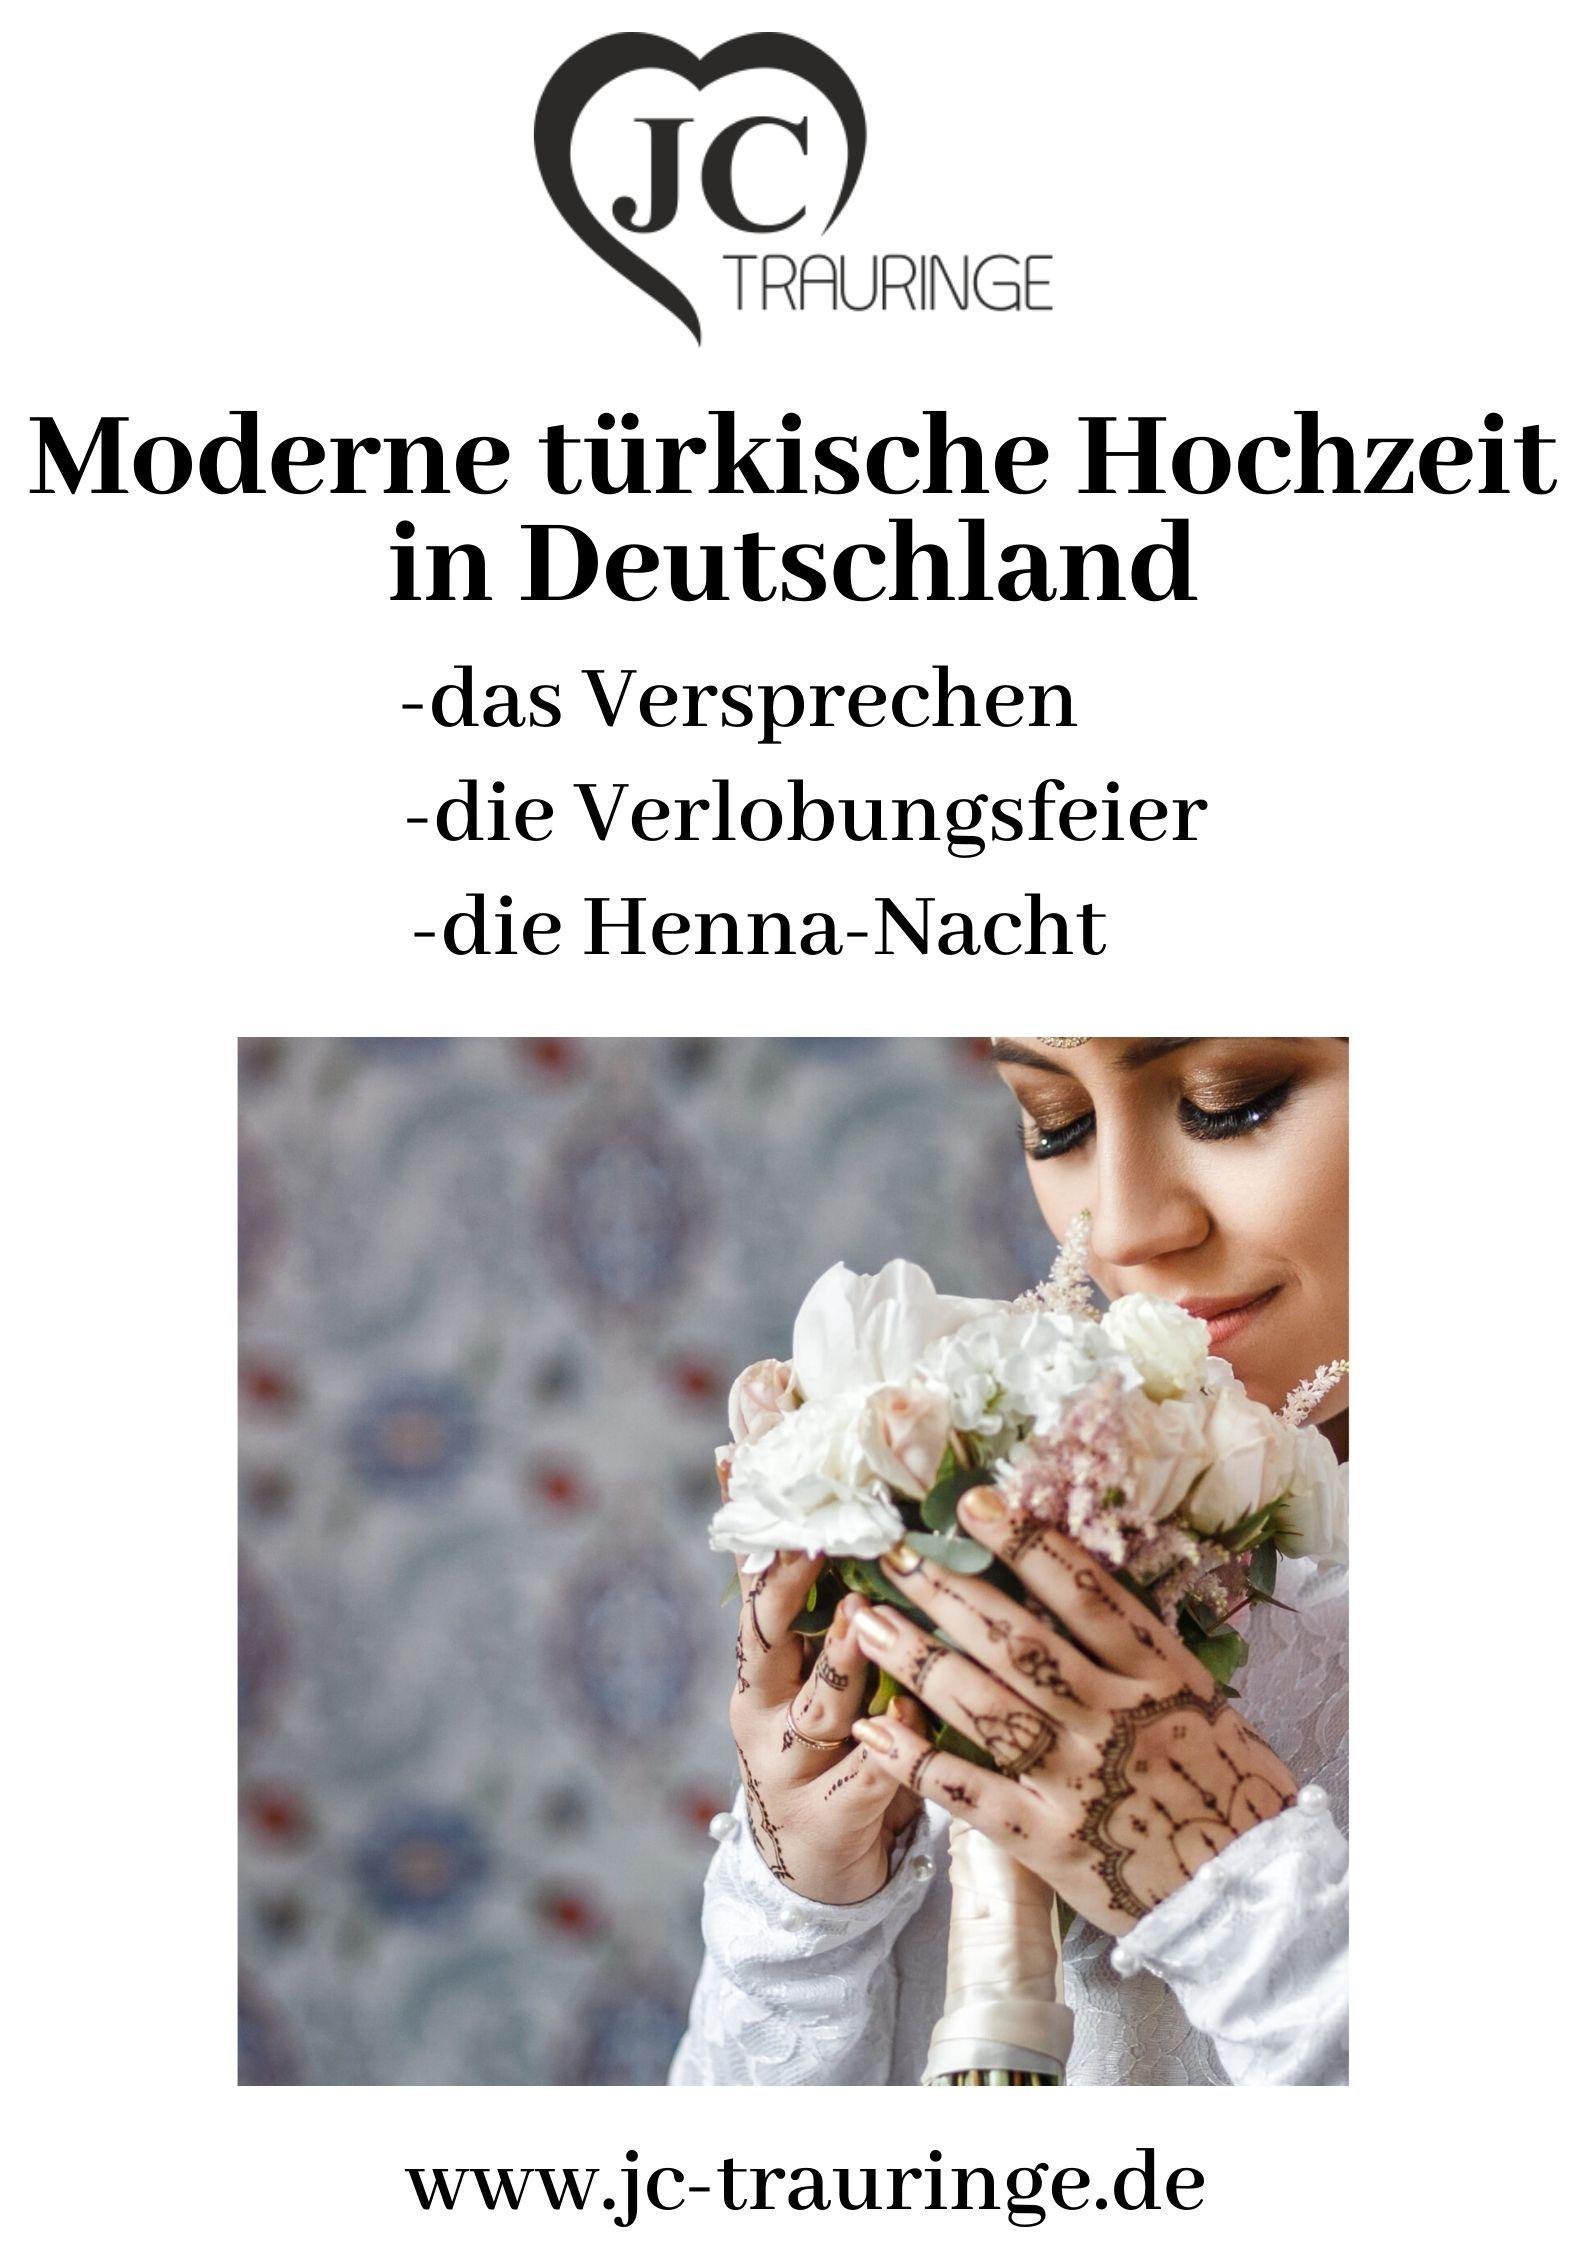 Moderne Turkische Hochzeit In Deutschland Turkische Hochzeitsbrauche Im Uberblick Turkische Hochzeit Hochzeit Brauche Verlobungsfeier